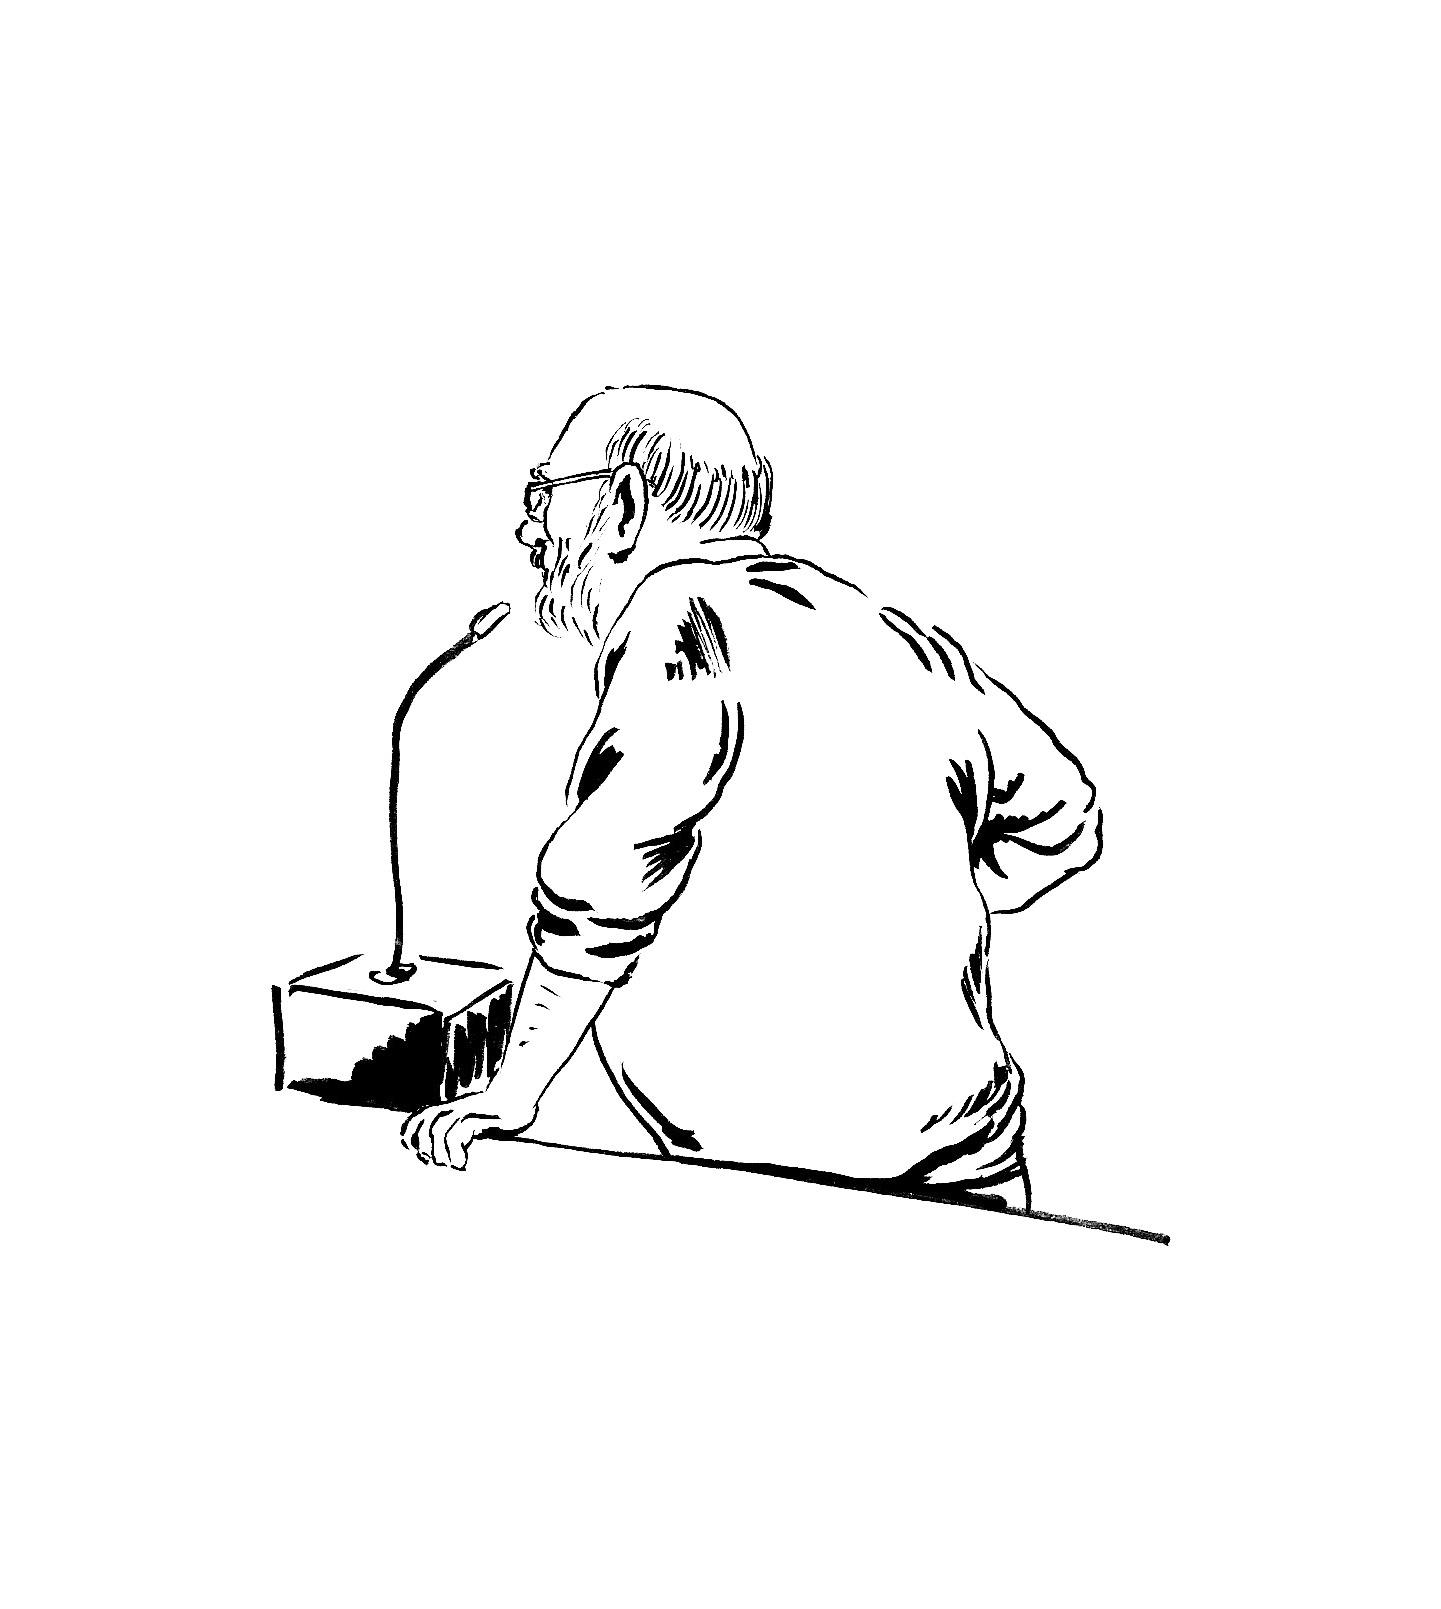 Jean raconte son parcours. (Illustration: Pierre Budet)